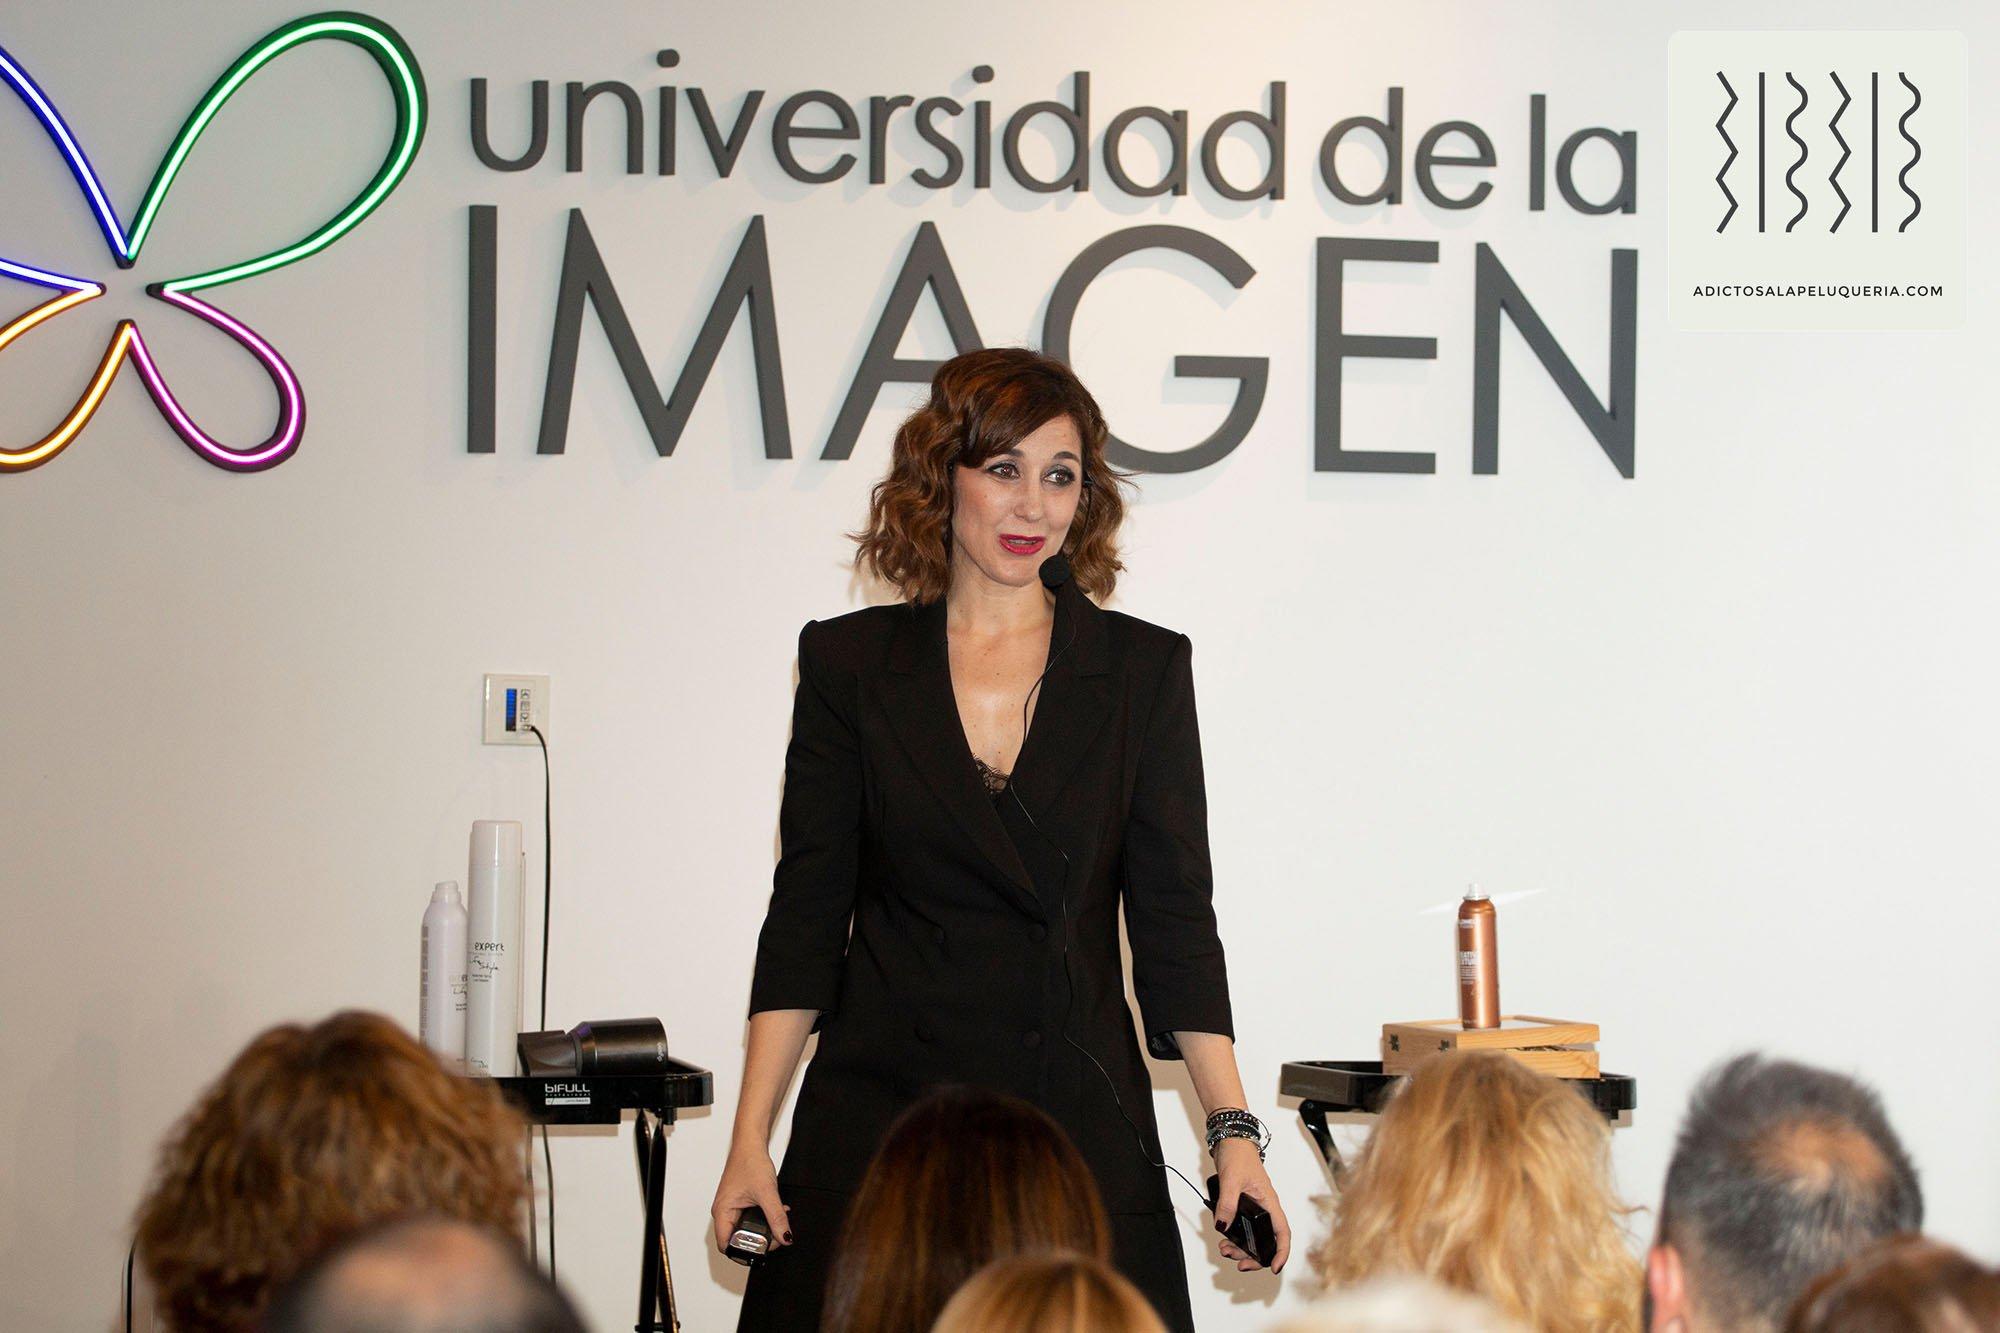 G - 2019 - Universidad De La Imagen - Inaugura - 02